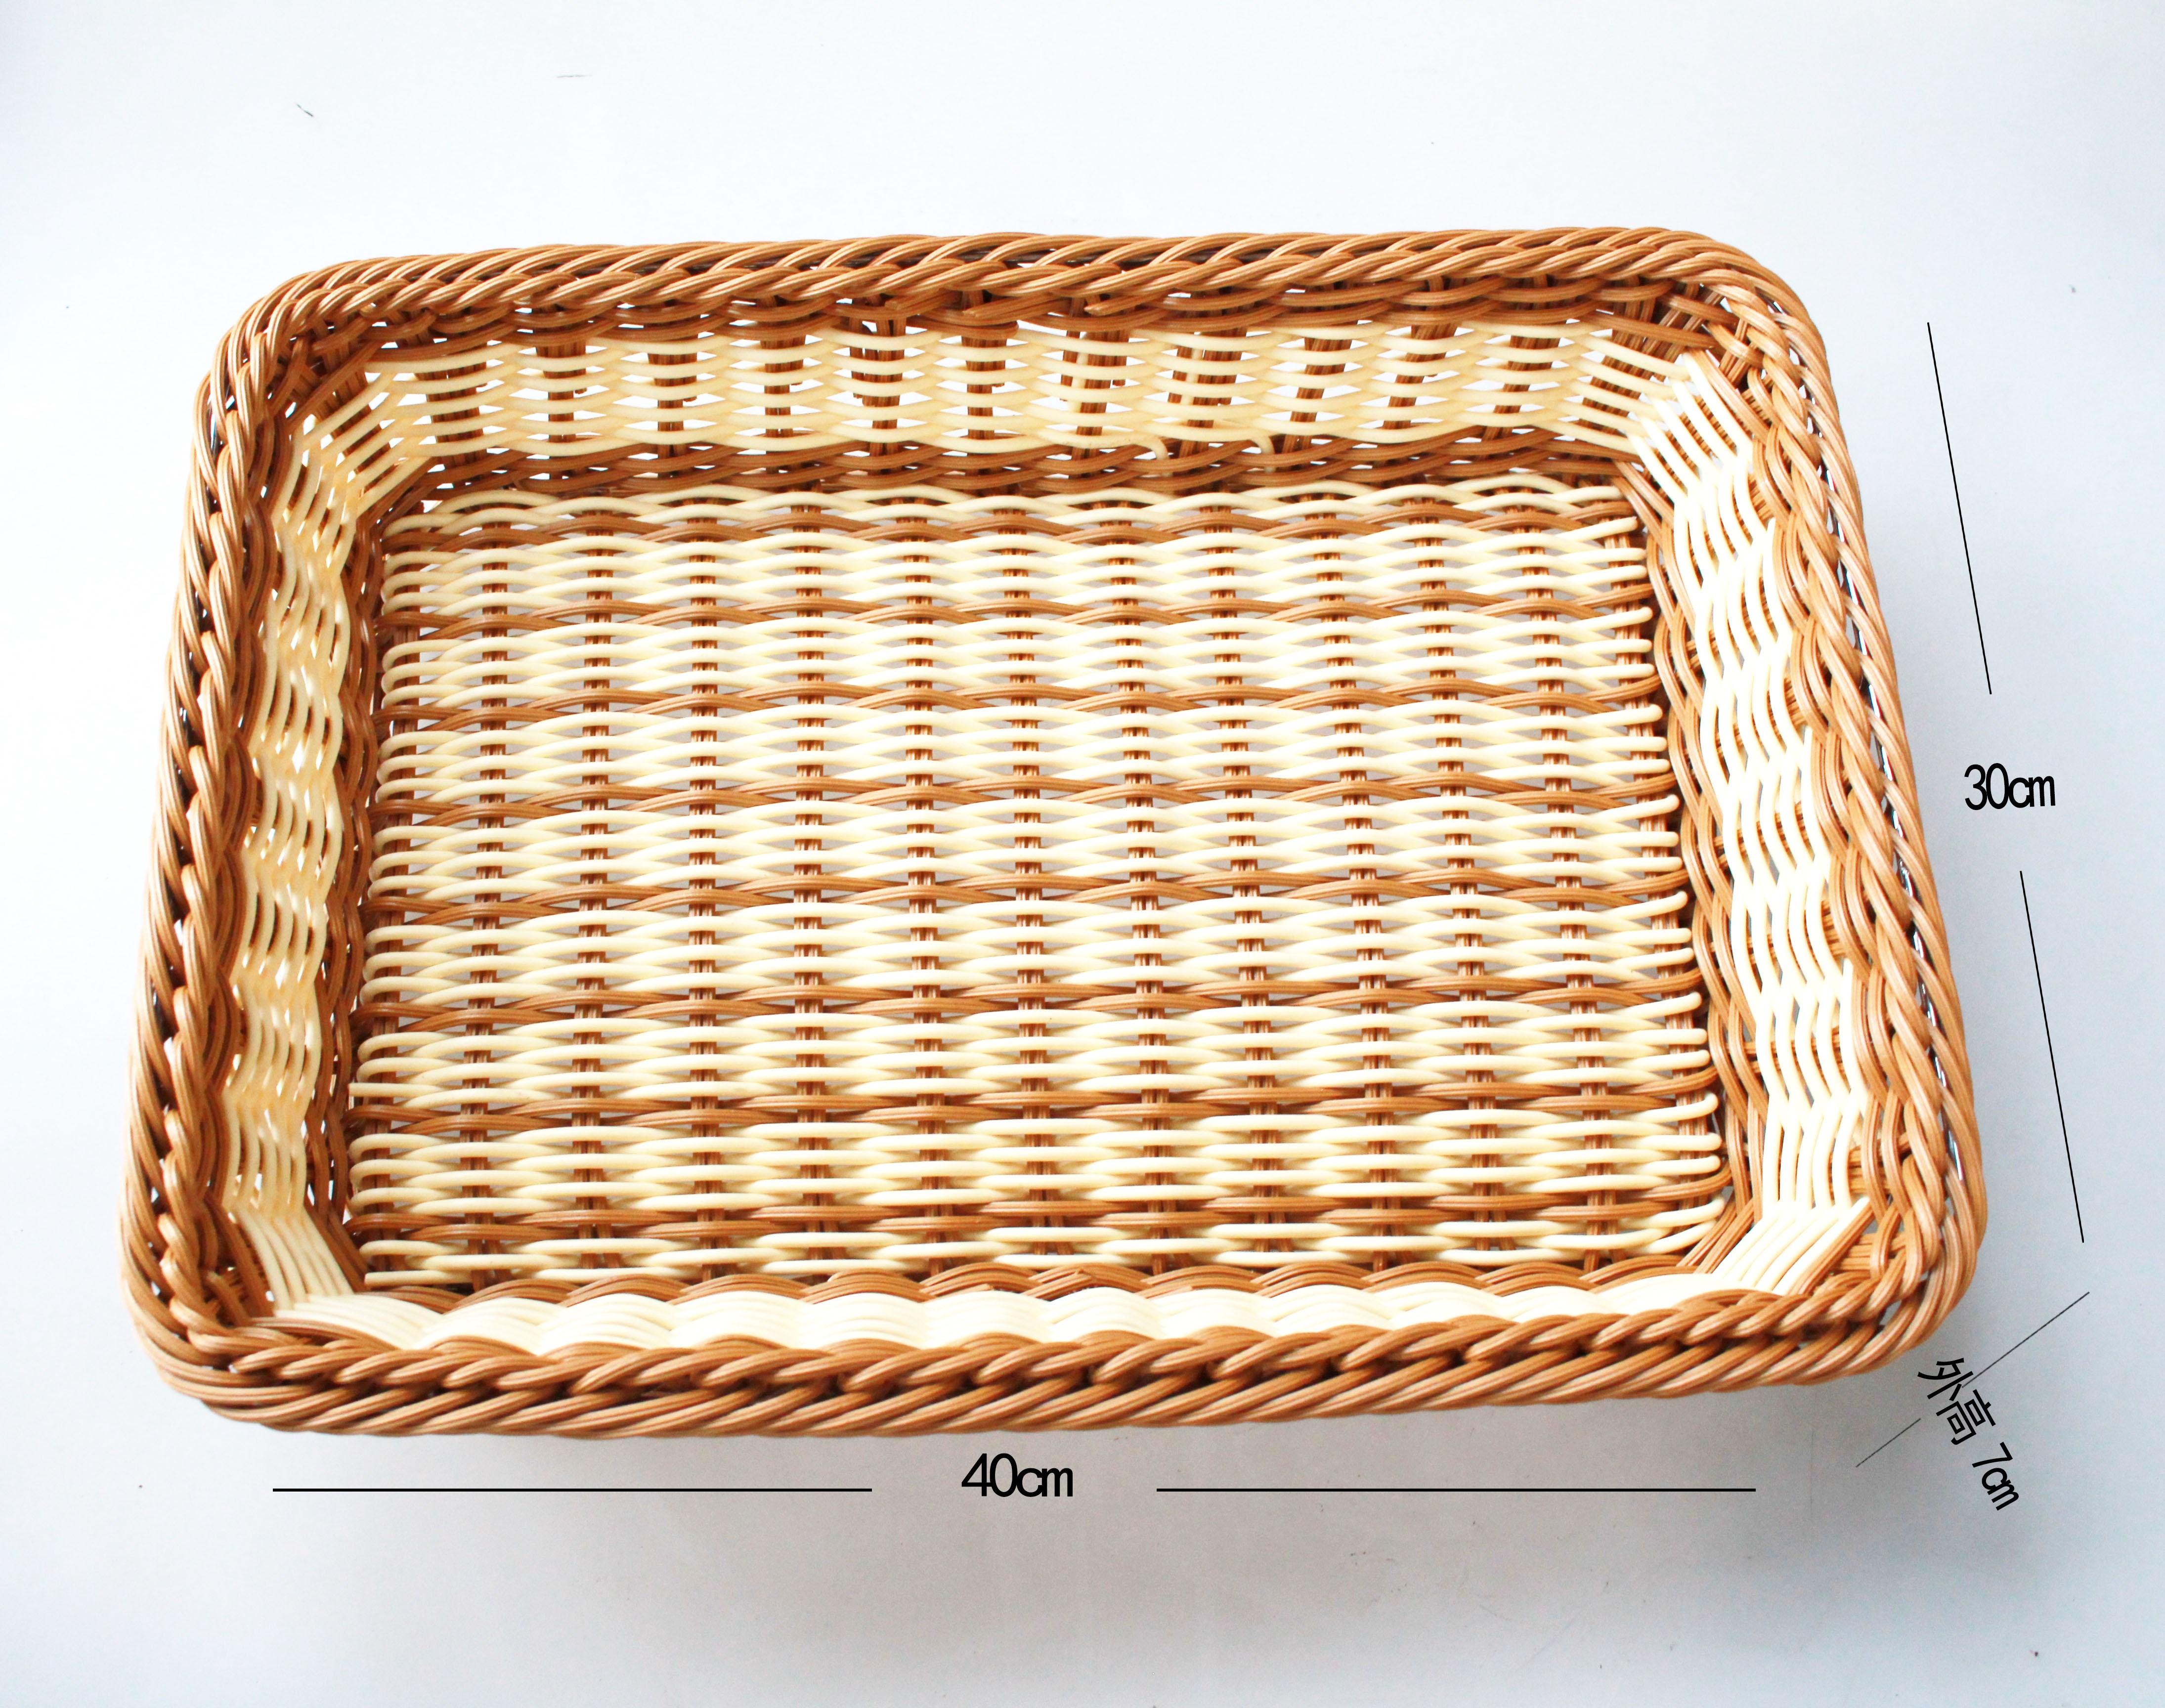 超市水果展示框面包筐藤编篮水果收纳筐长方形仿藤面包筐面包篮馒